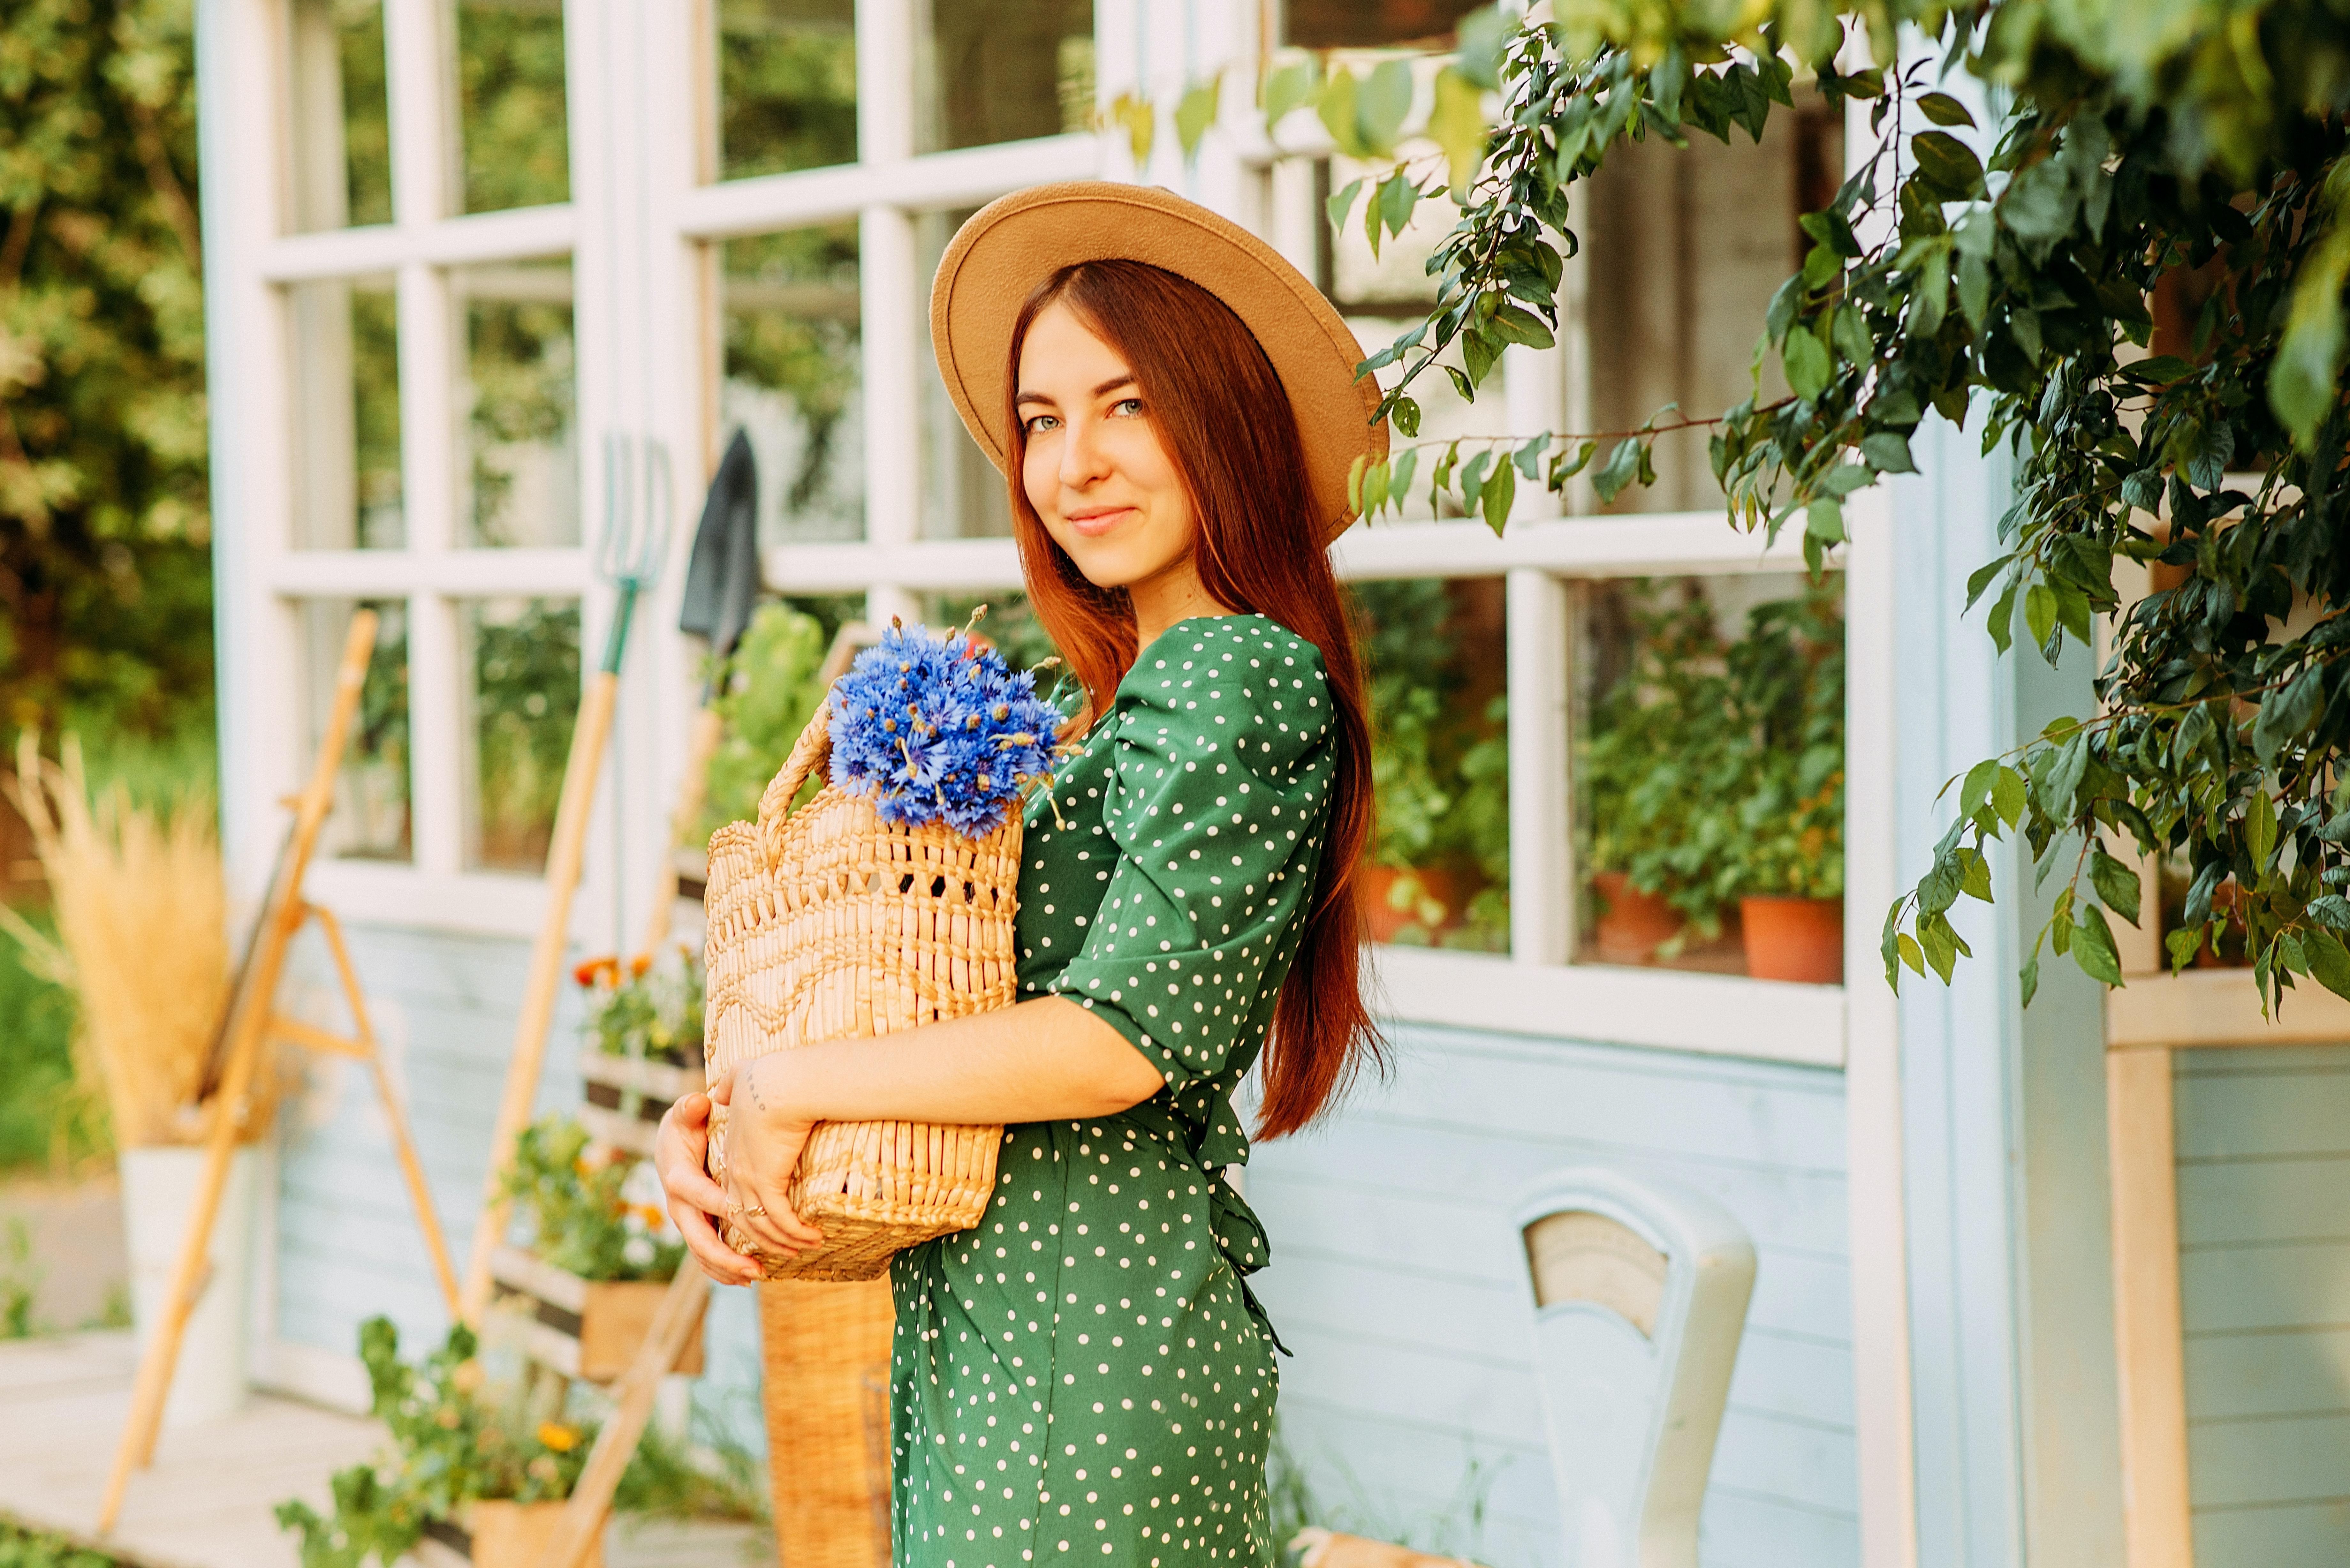 mulher a fazer jardinagem com chapéu e vestido verde com bolas brancas